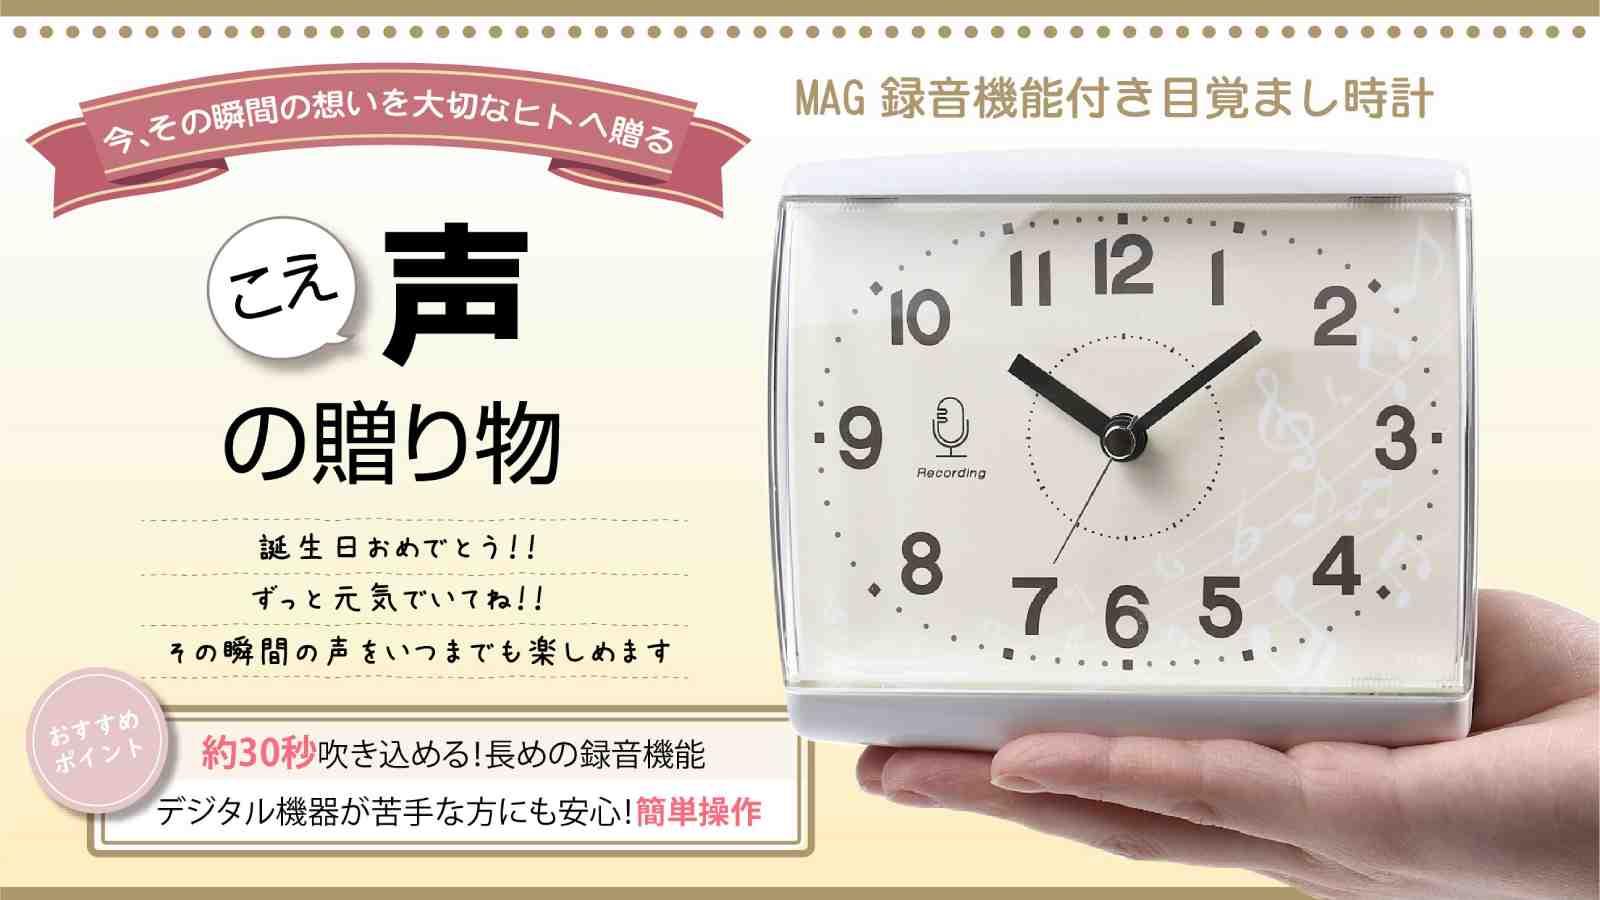 「こえ」が録音できる「MAG録音機能付き目覚まし時計」をMakuake(マクアケ)にて7月13日本日より先行予約販売開始しました。